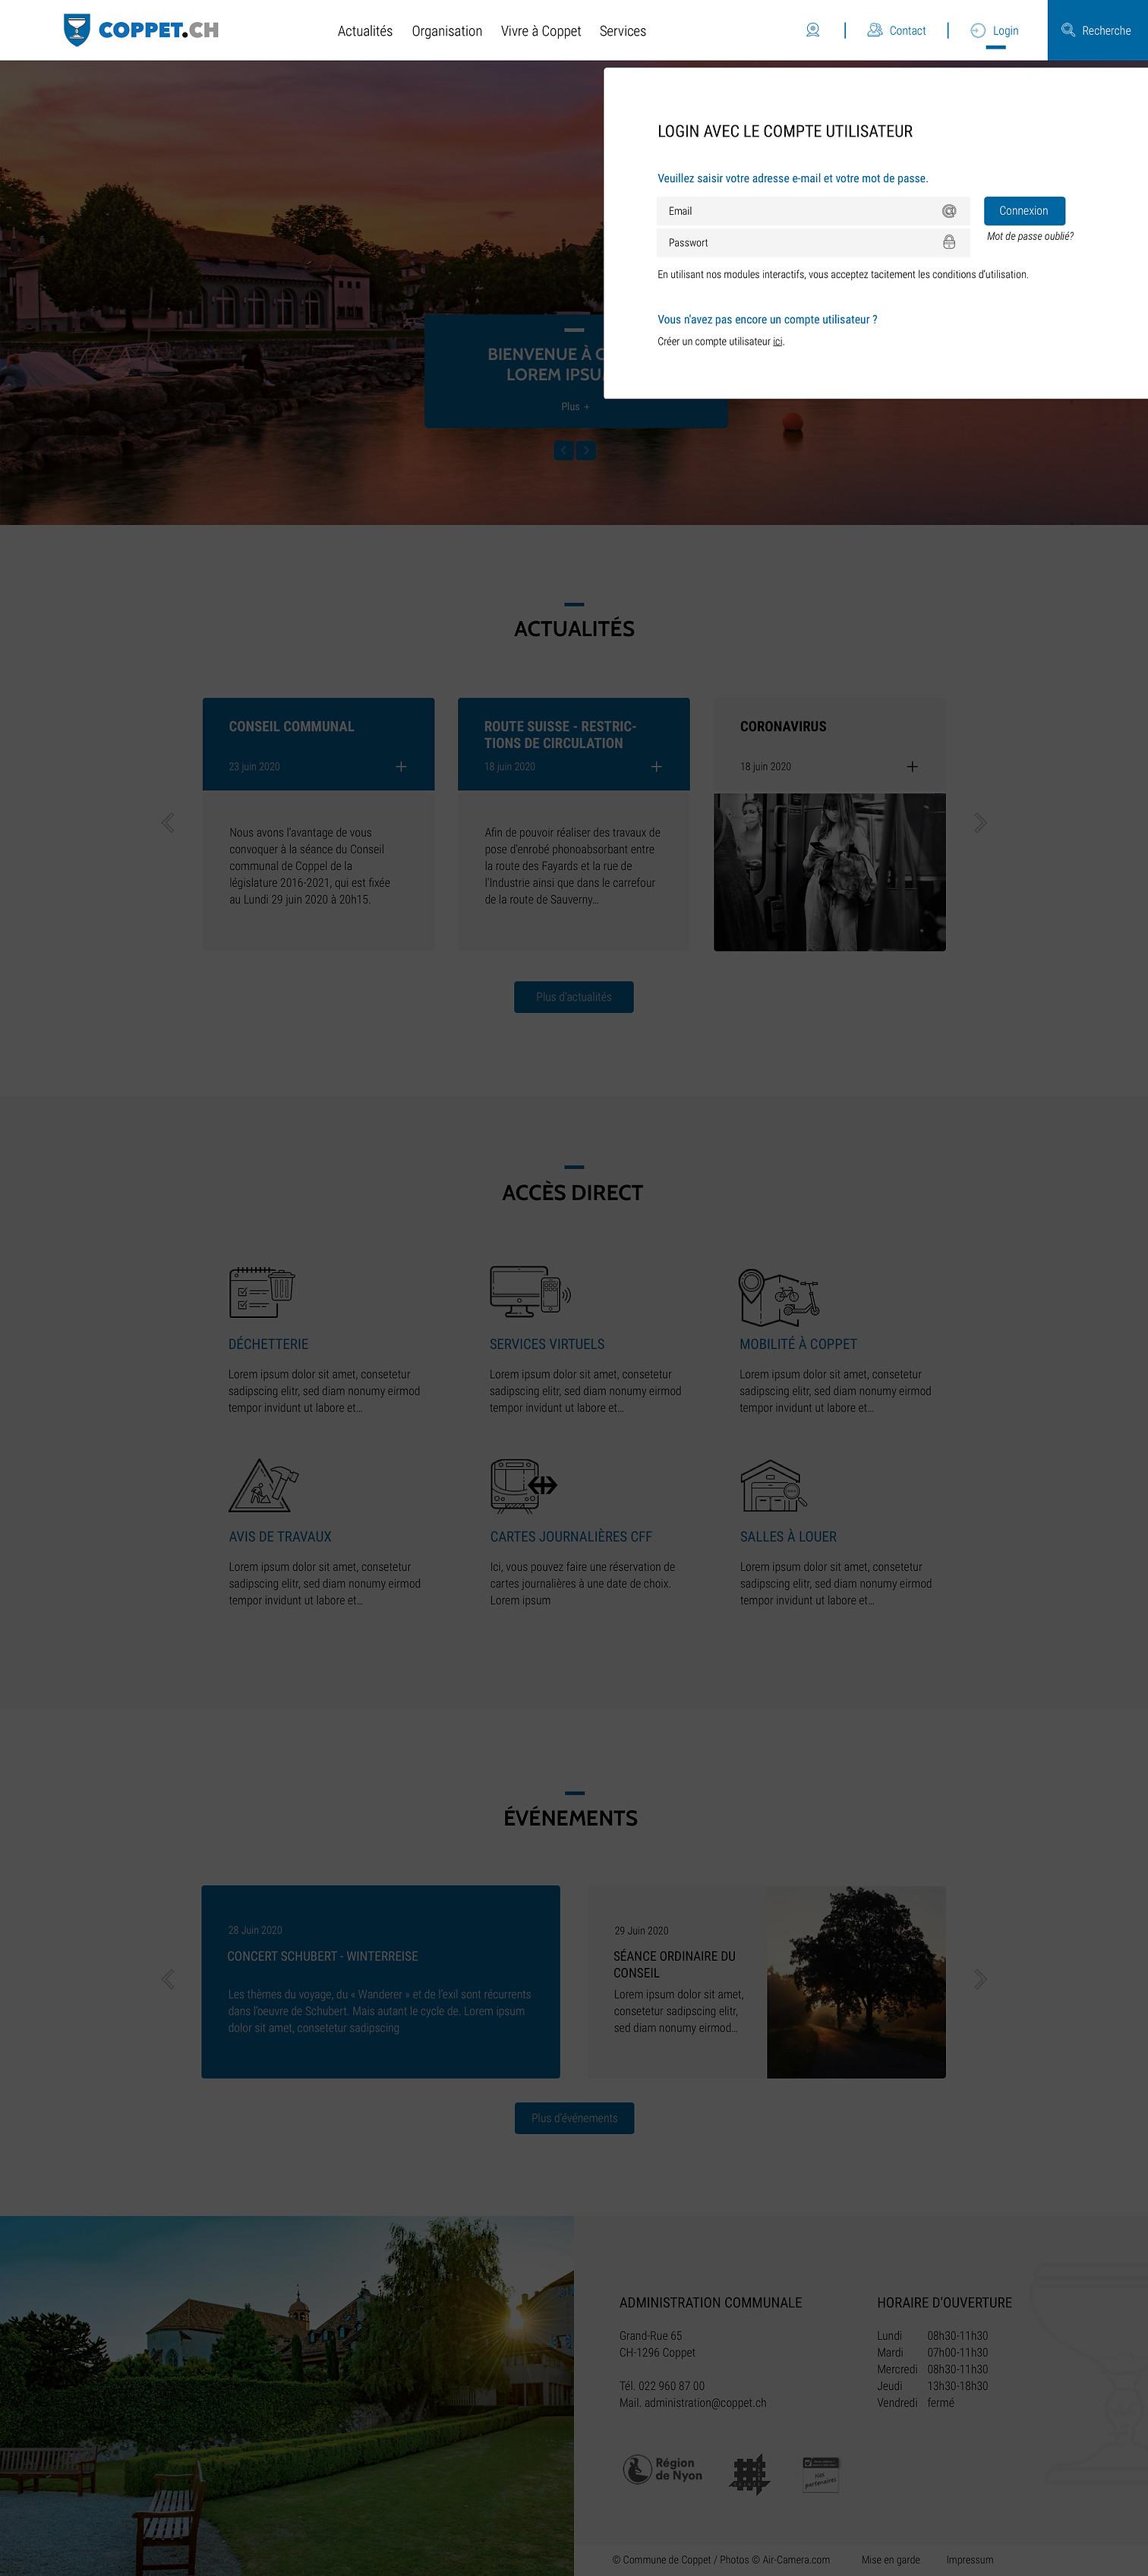 Frontpage-menu-login.jpg